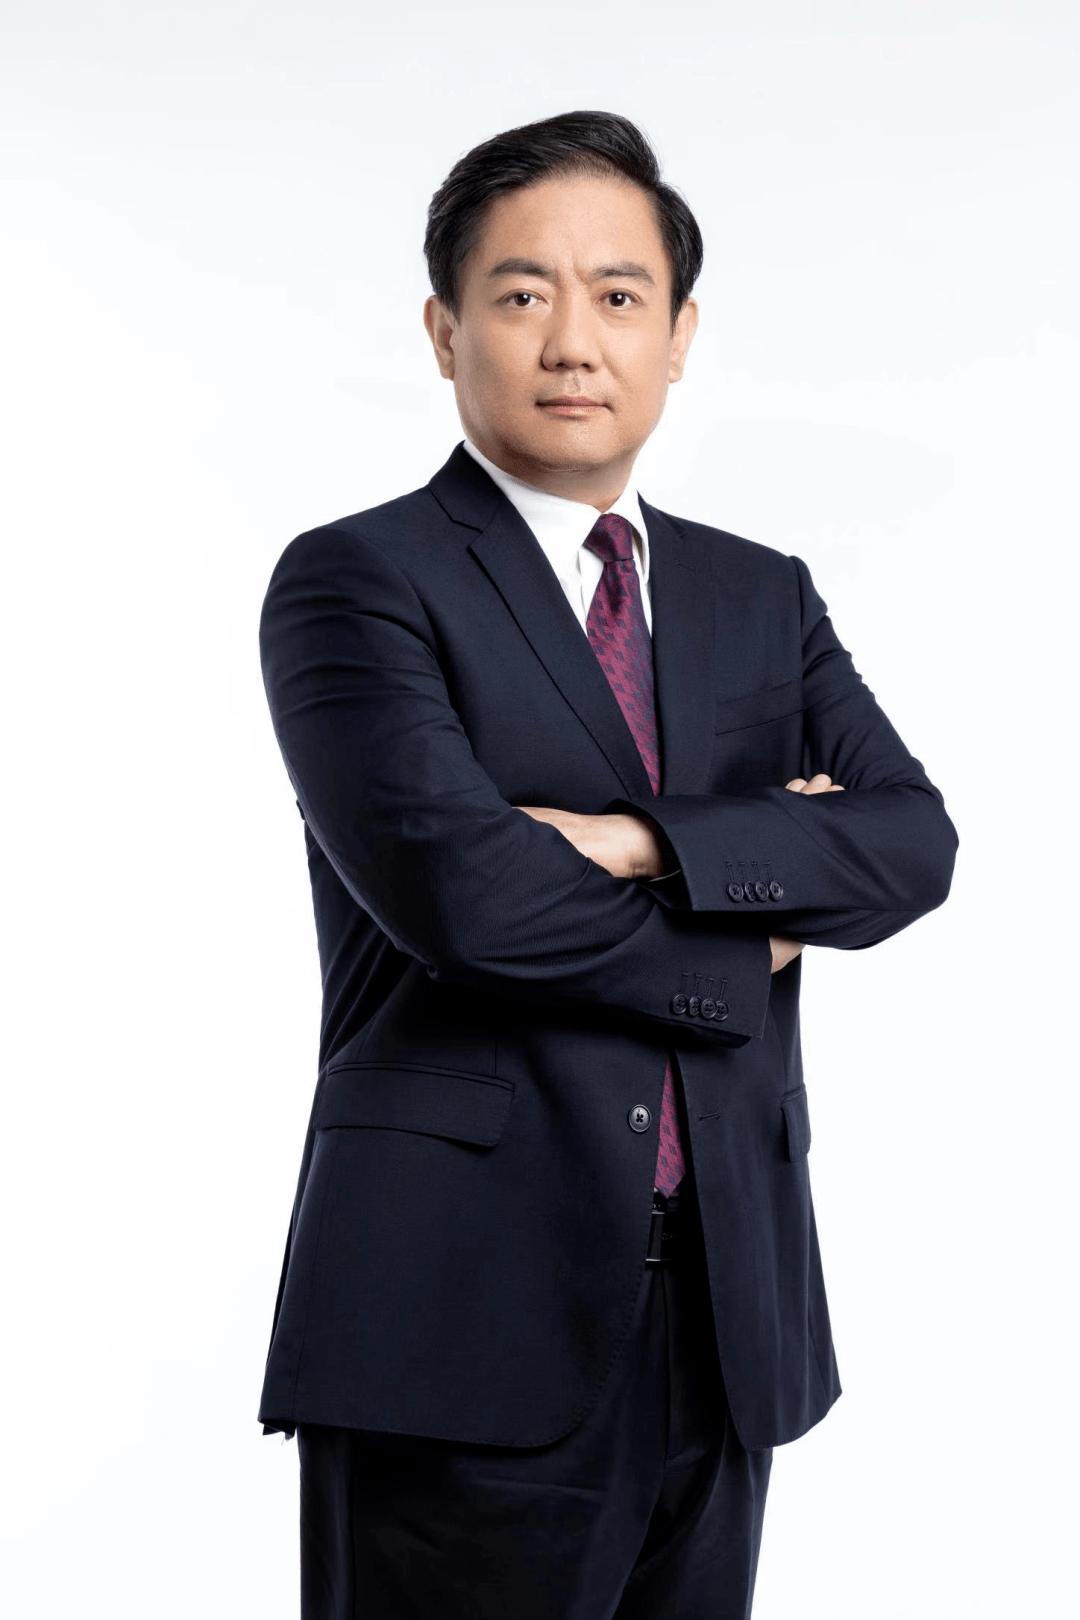 巴伦周刊专访嘉实基金胡涛:如何做到连续11年年化10%?